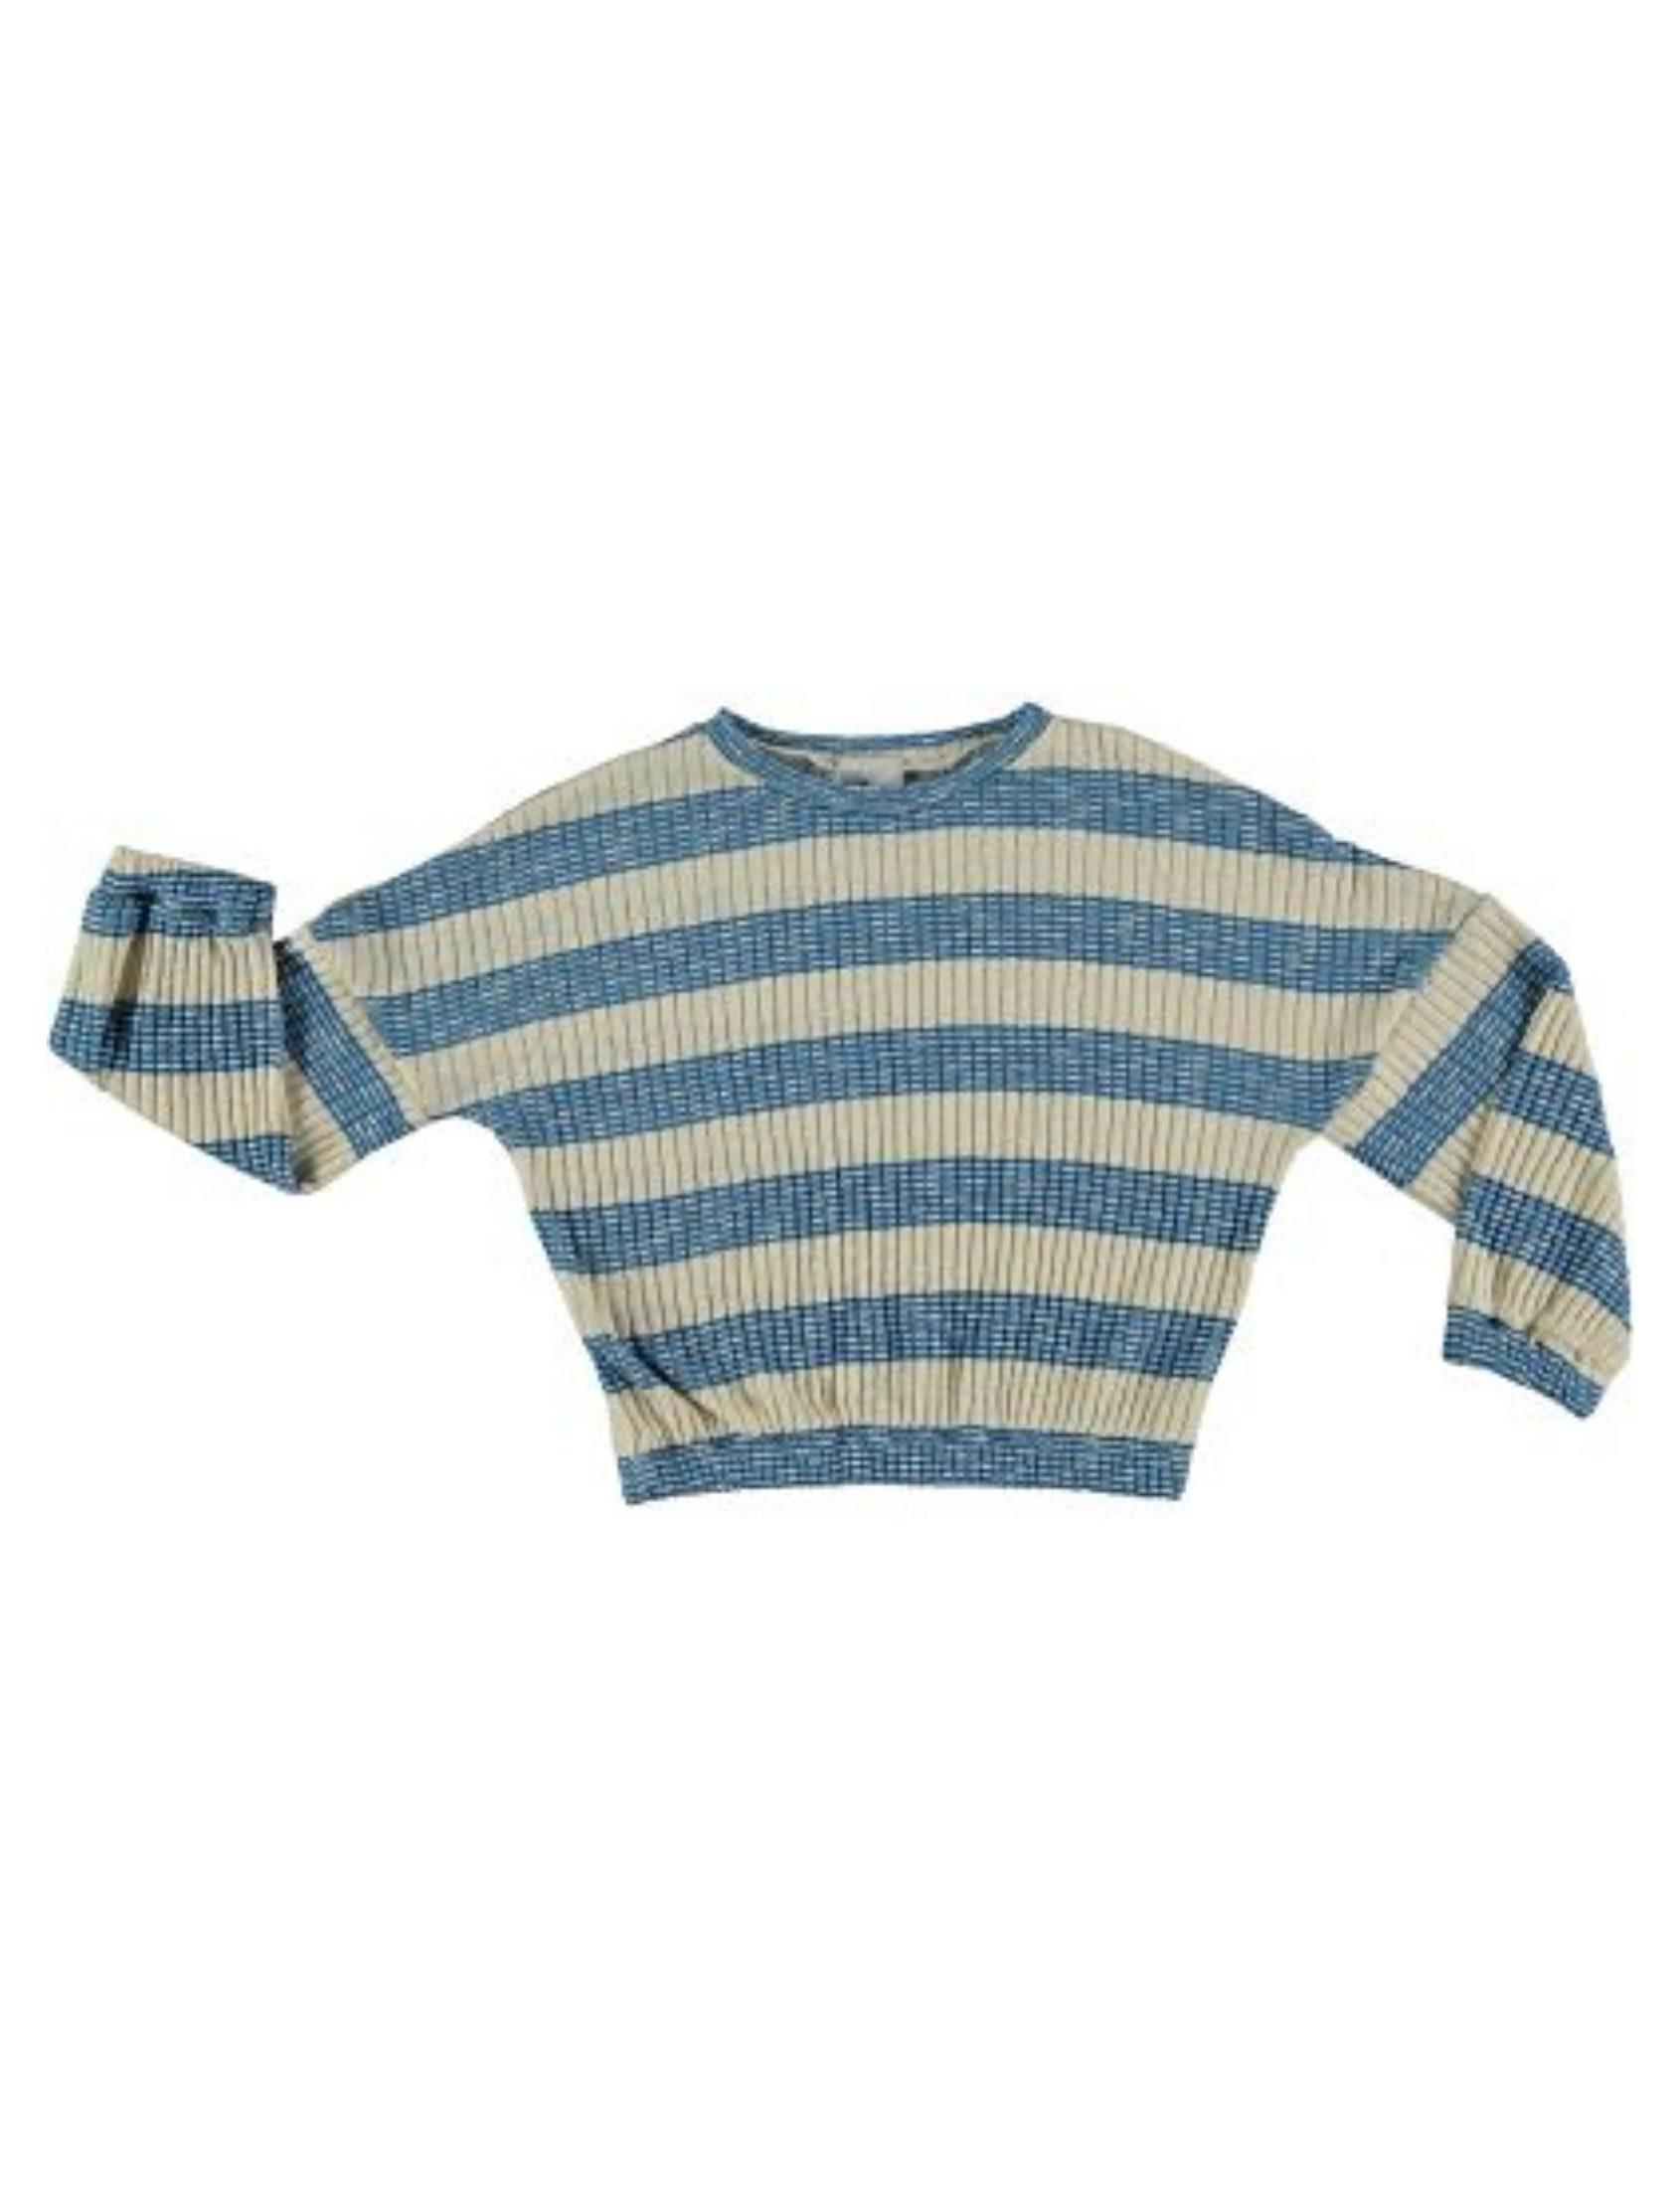 jersey de punto con estampado de rayas azul y blanco